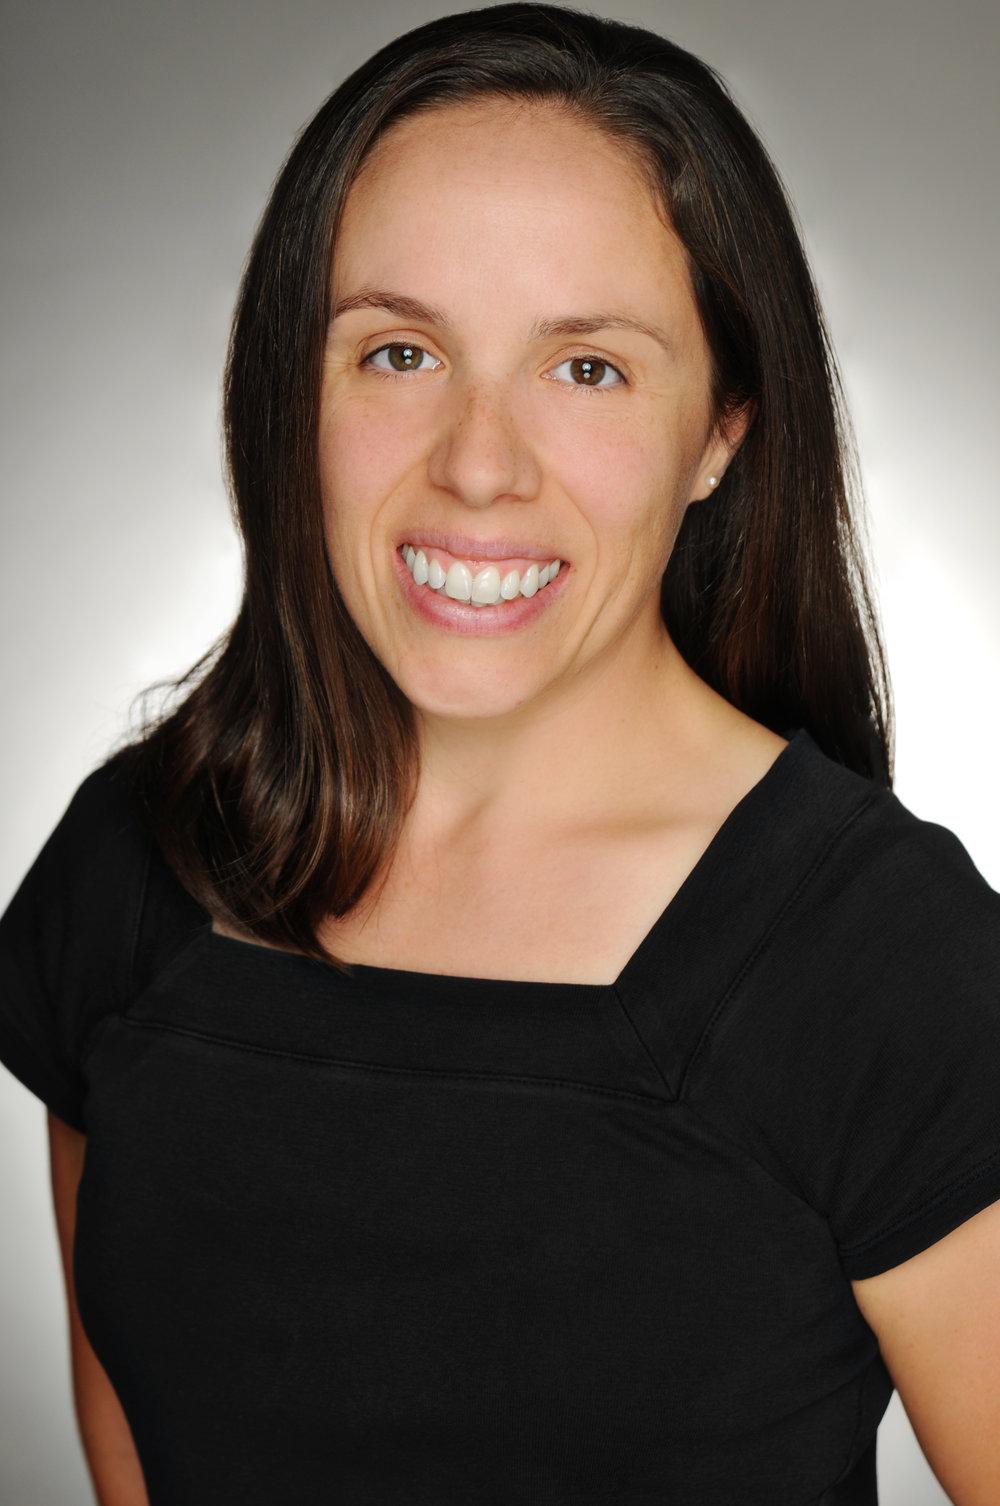 Amber Staley, PA